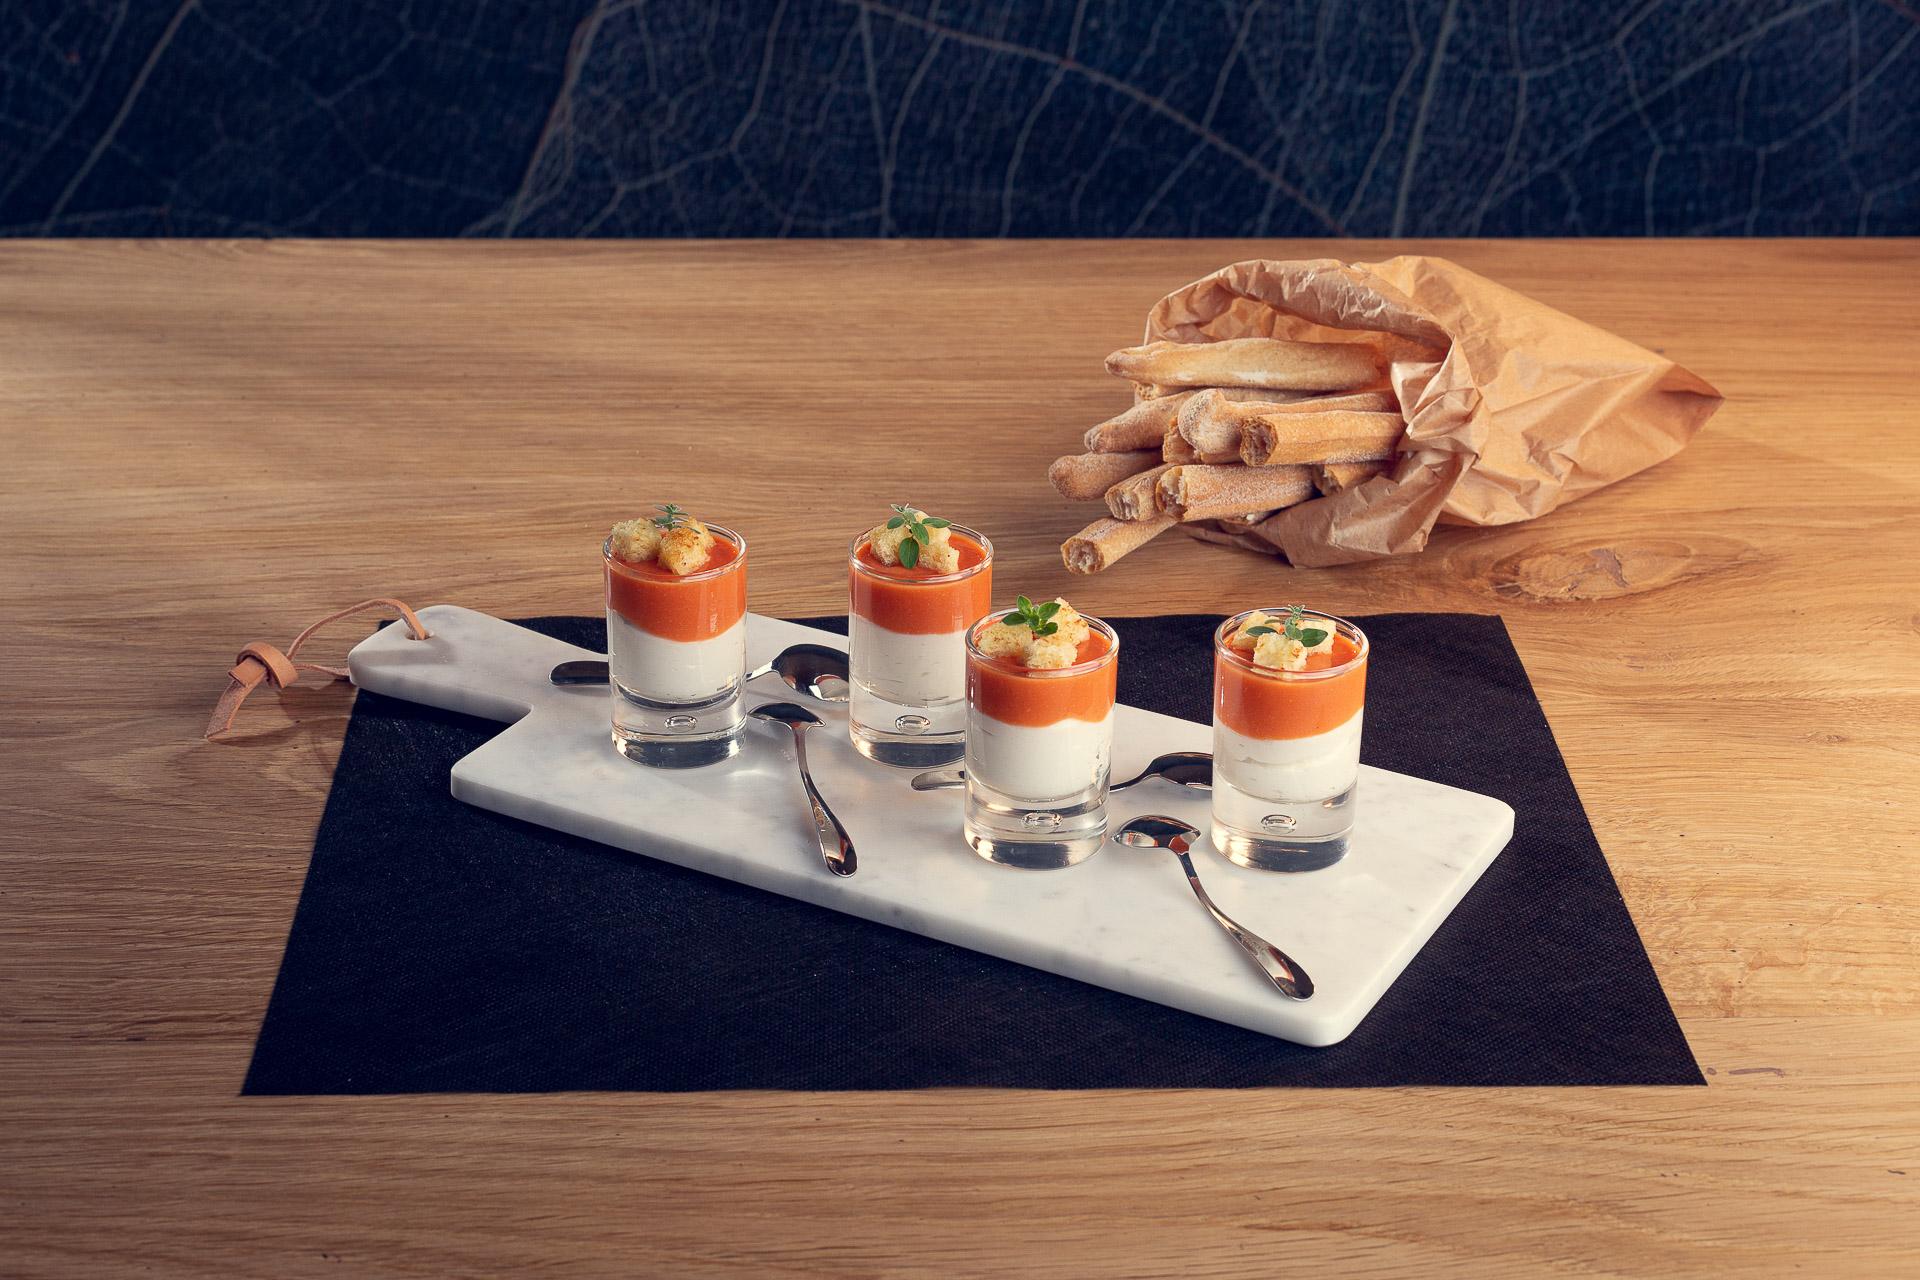 Bicchierini di ricotta Ferrero e gazpacho di pomodoro